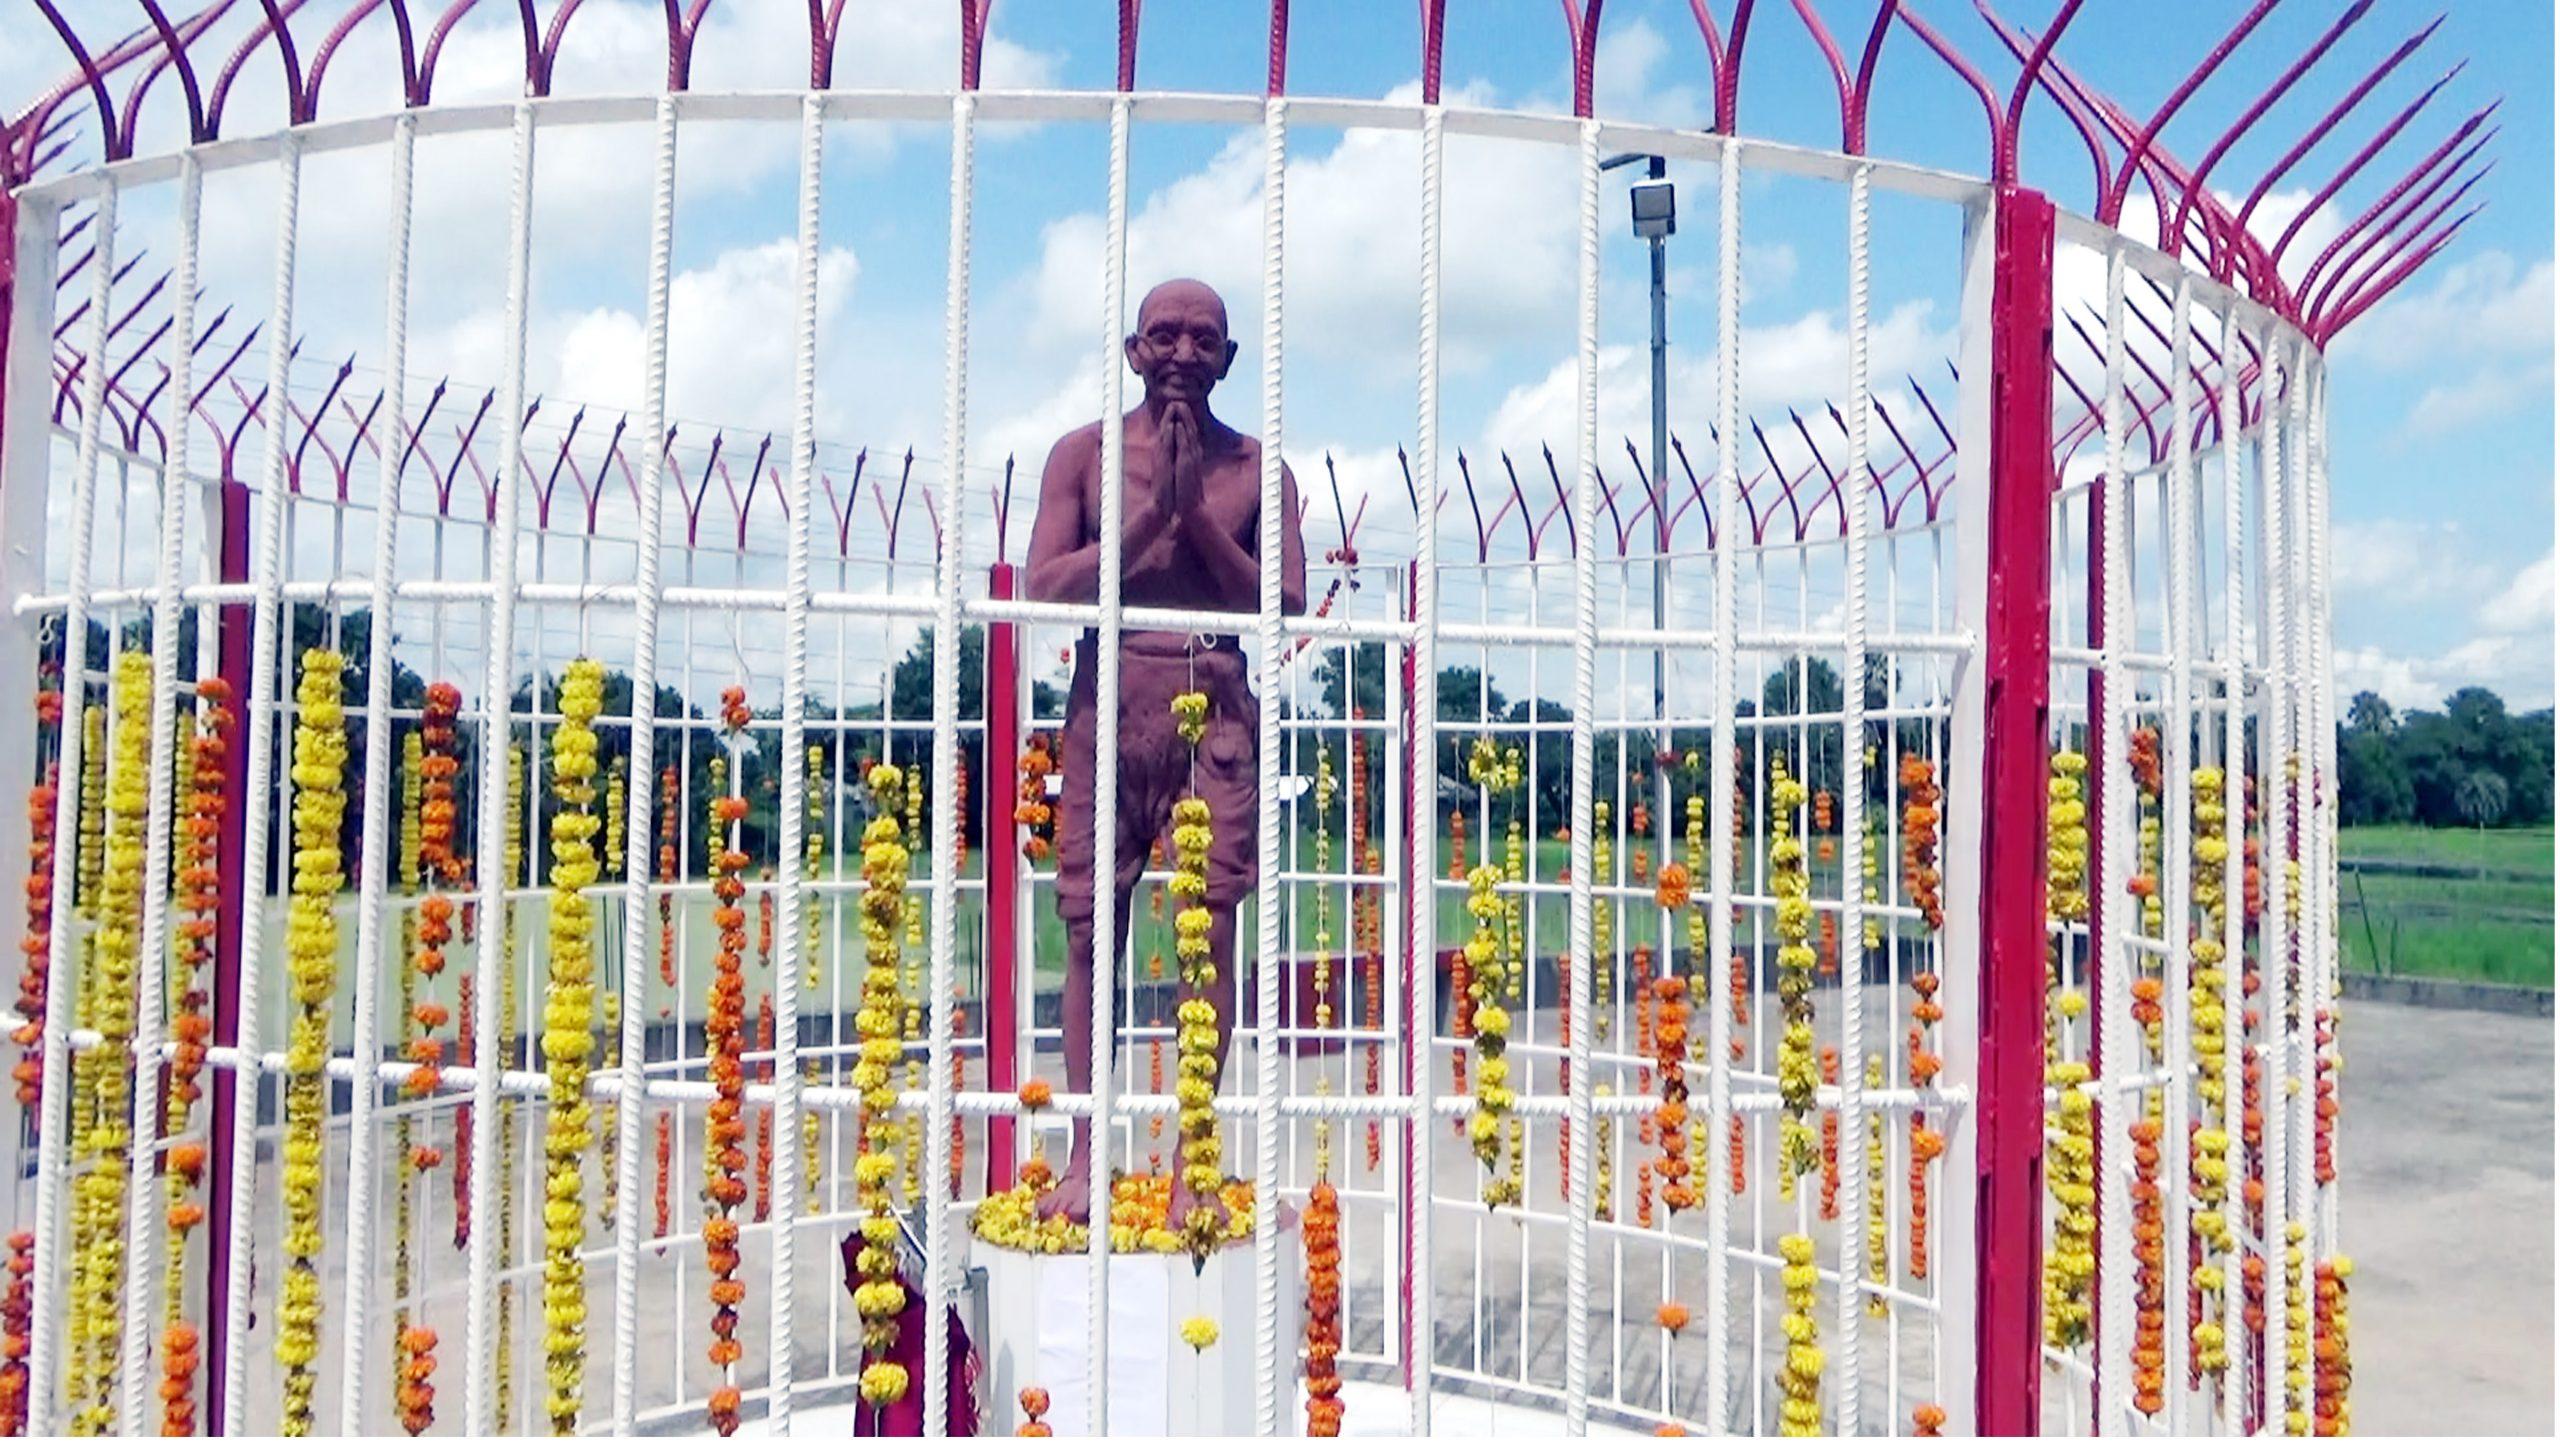 নওগাঁয় মহাত্মা গান্ধীর জন্মবার্ষিকী উপলক্ষে ভাস্কর্যের উদ্বোধন